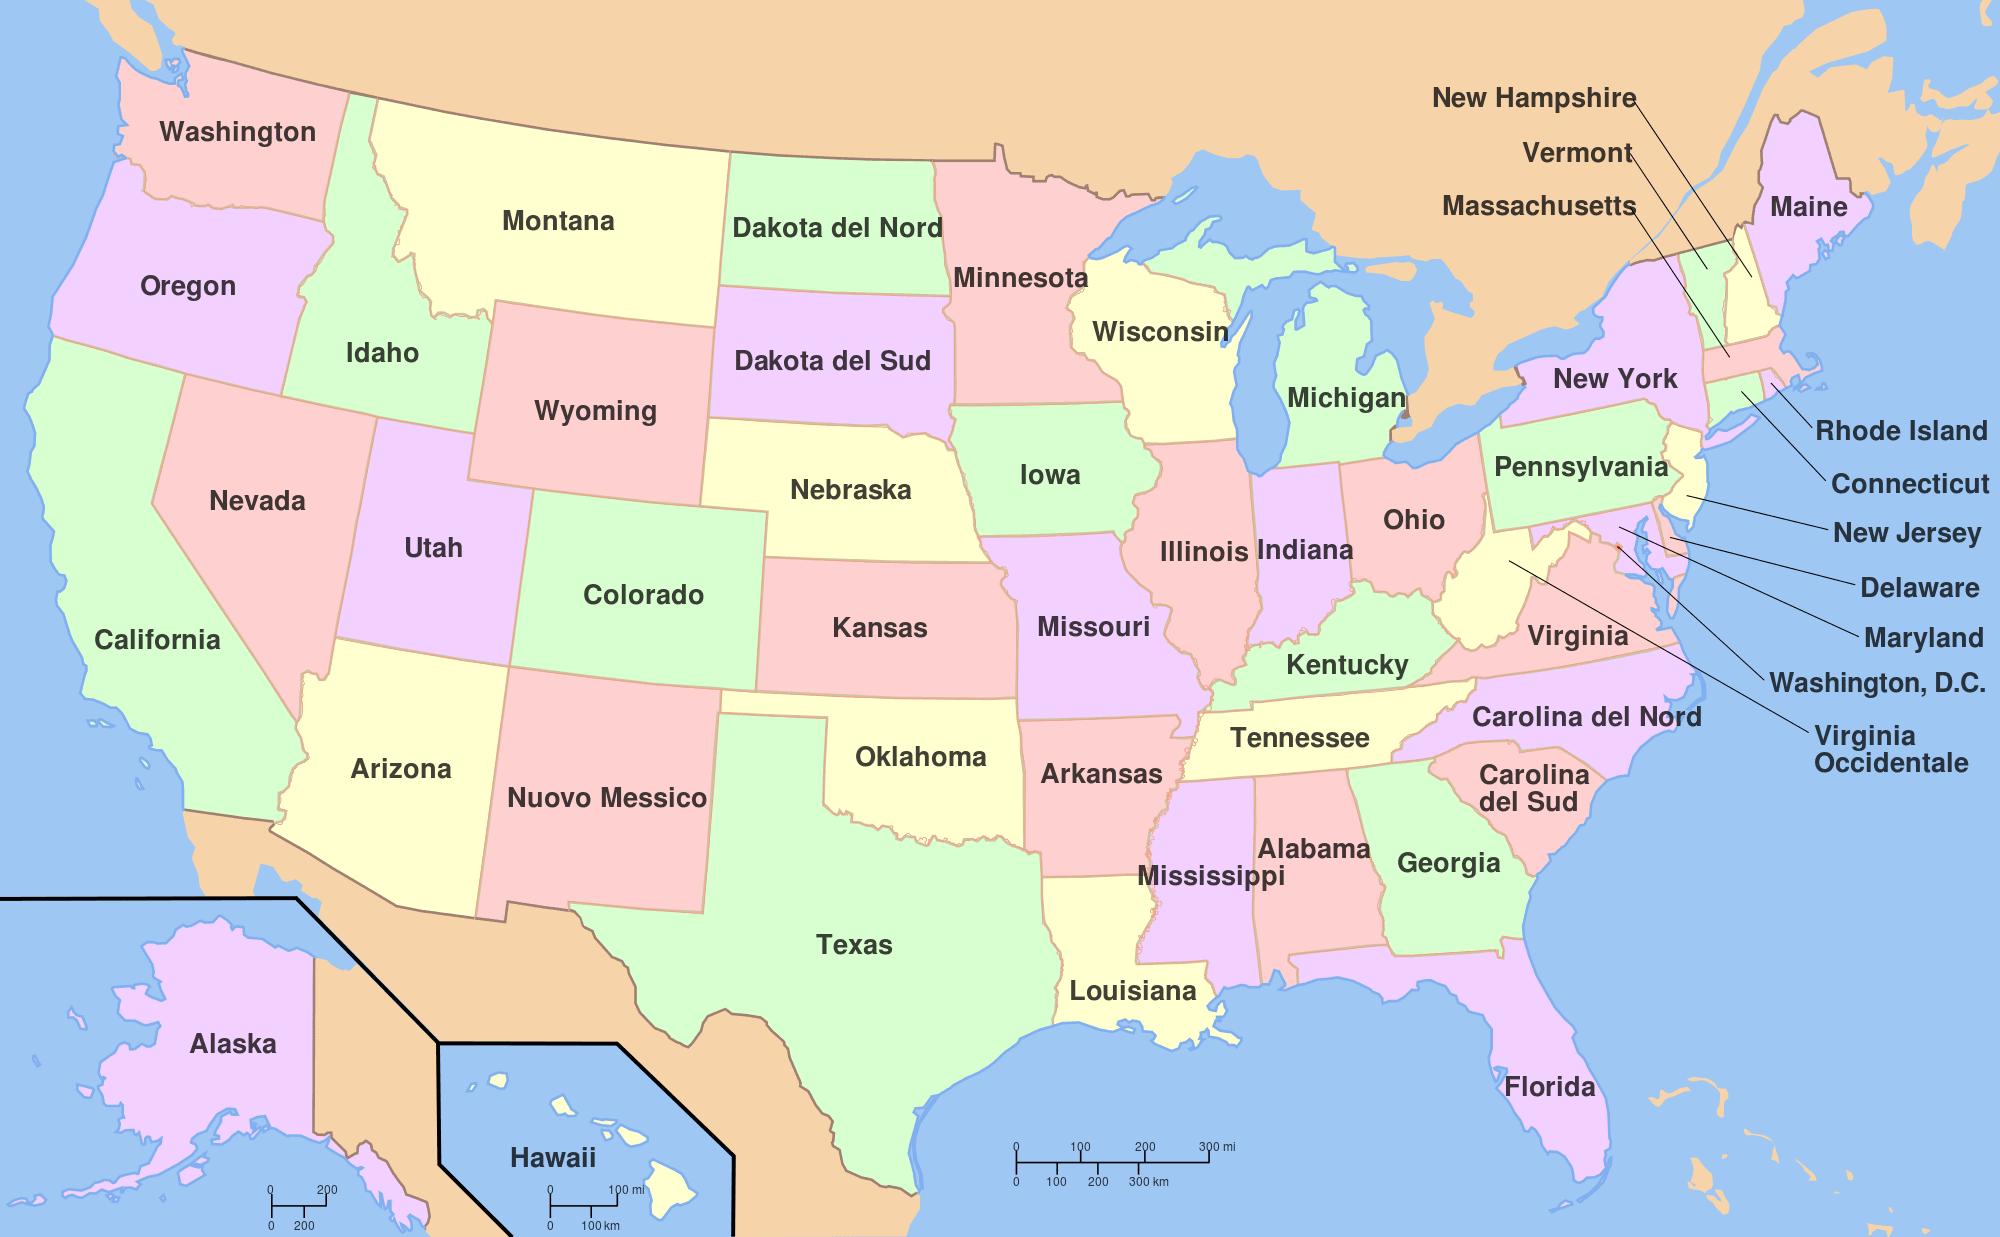 Mappa dei 50 stati degli Stati Uniti d'America